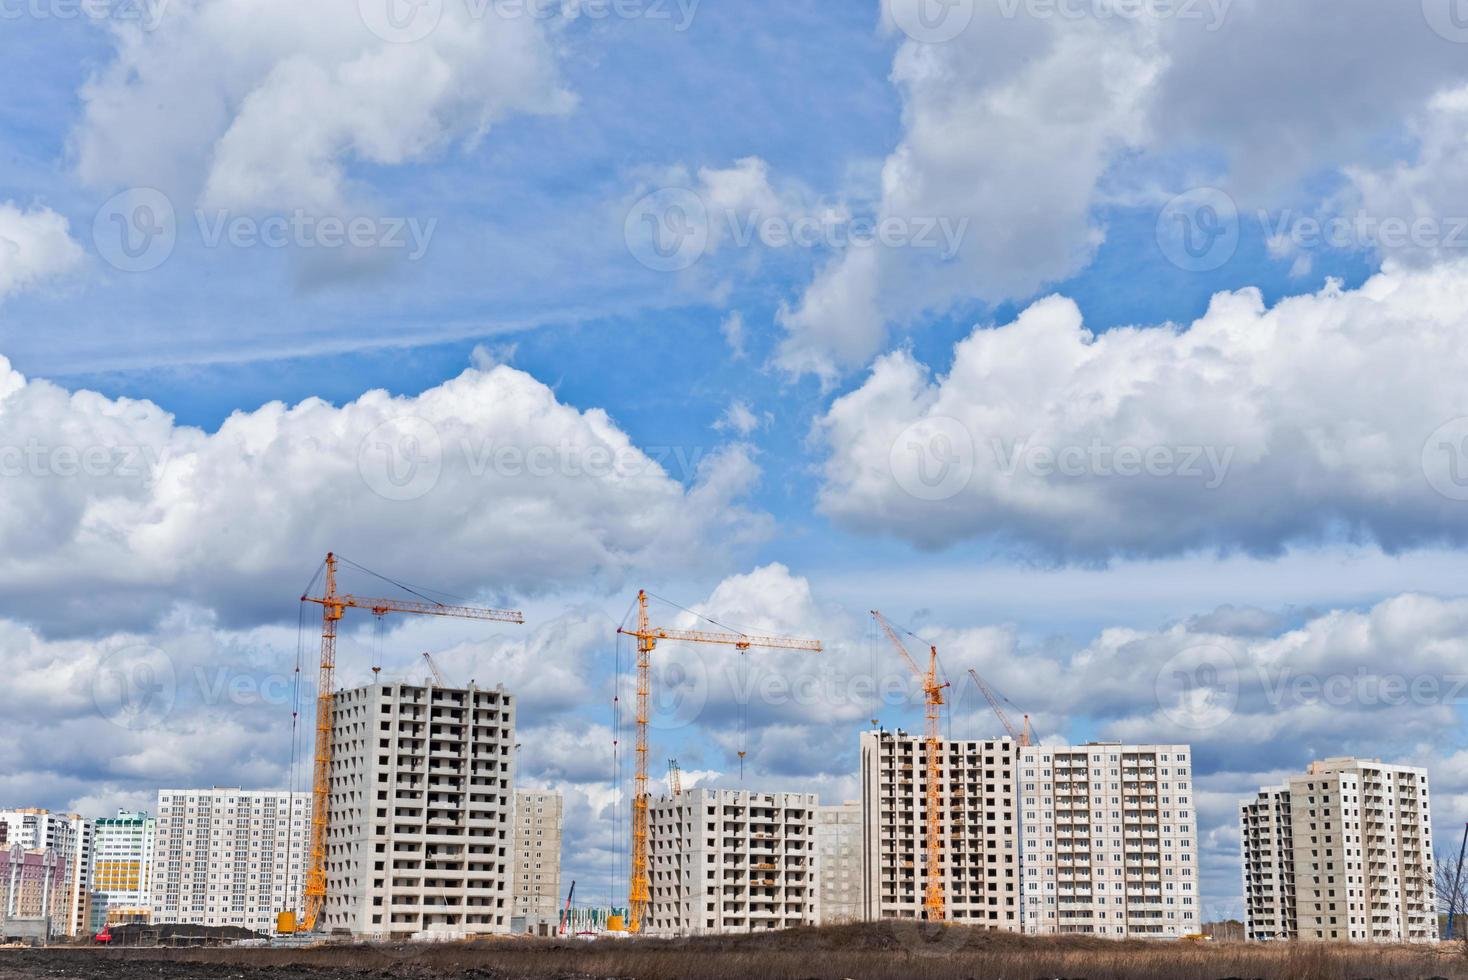 Sitio de construcción con grúas sobre fondo de cielo foto